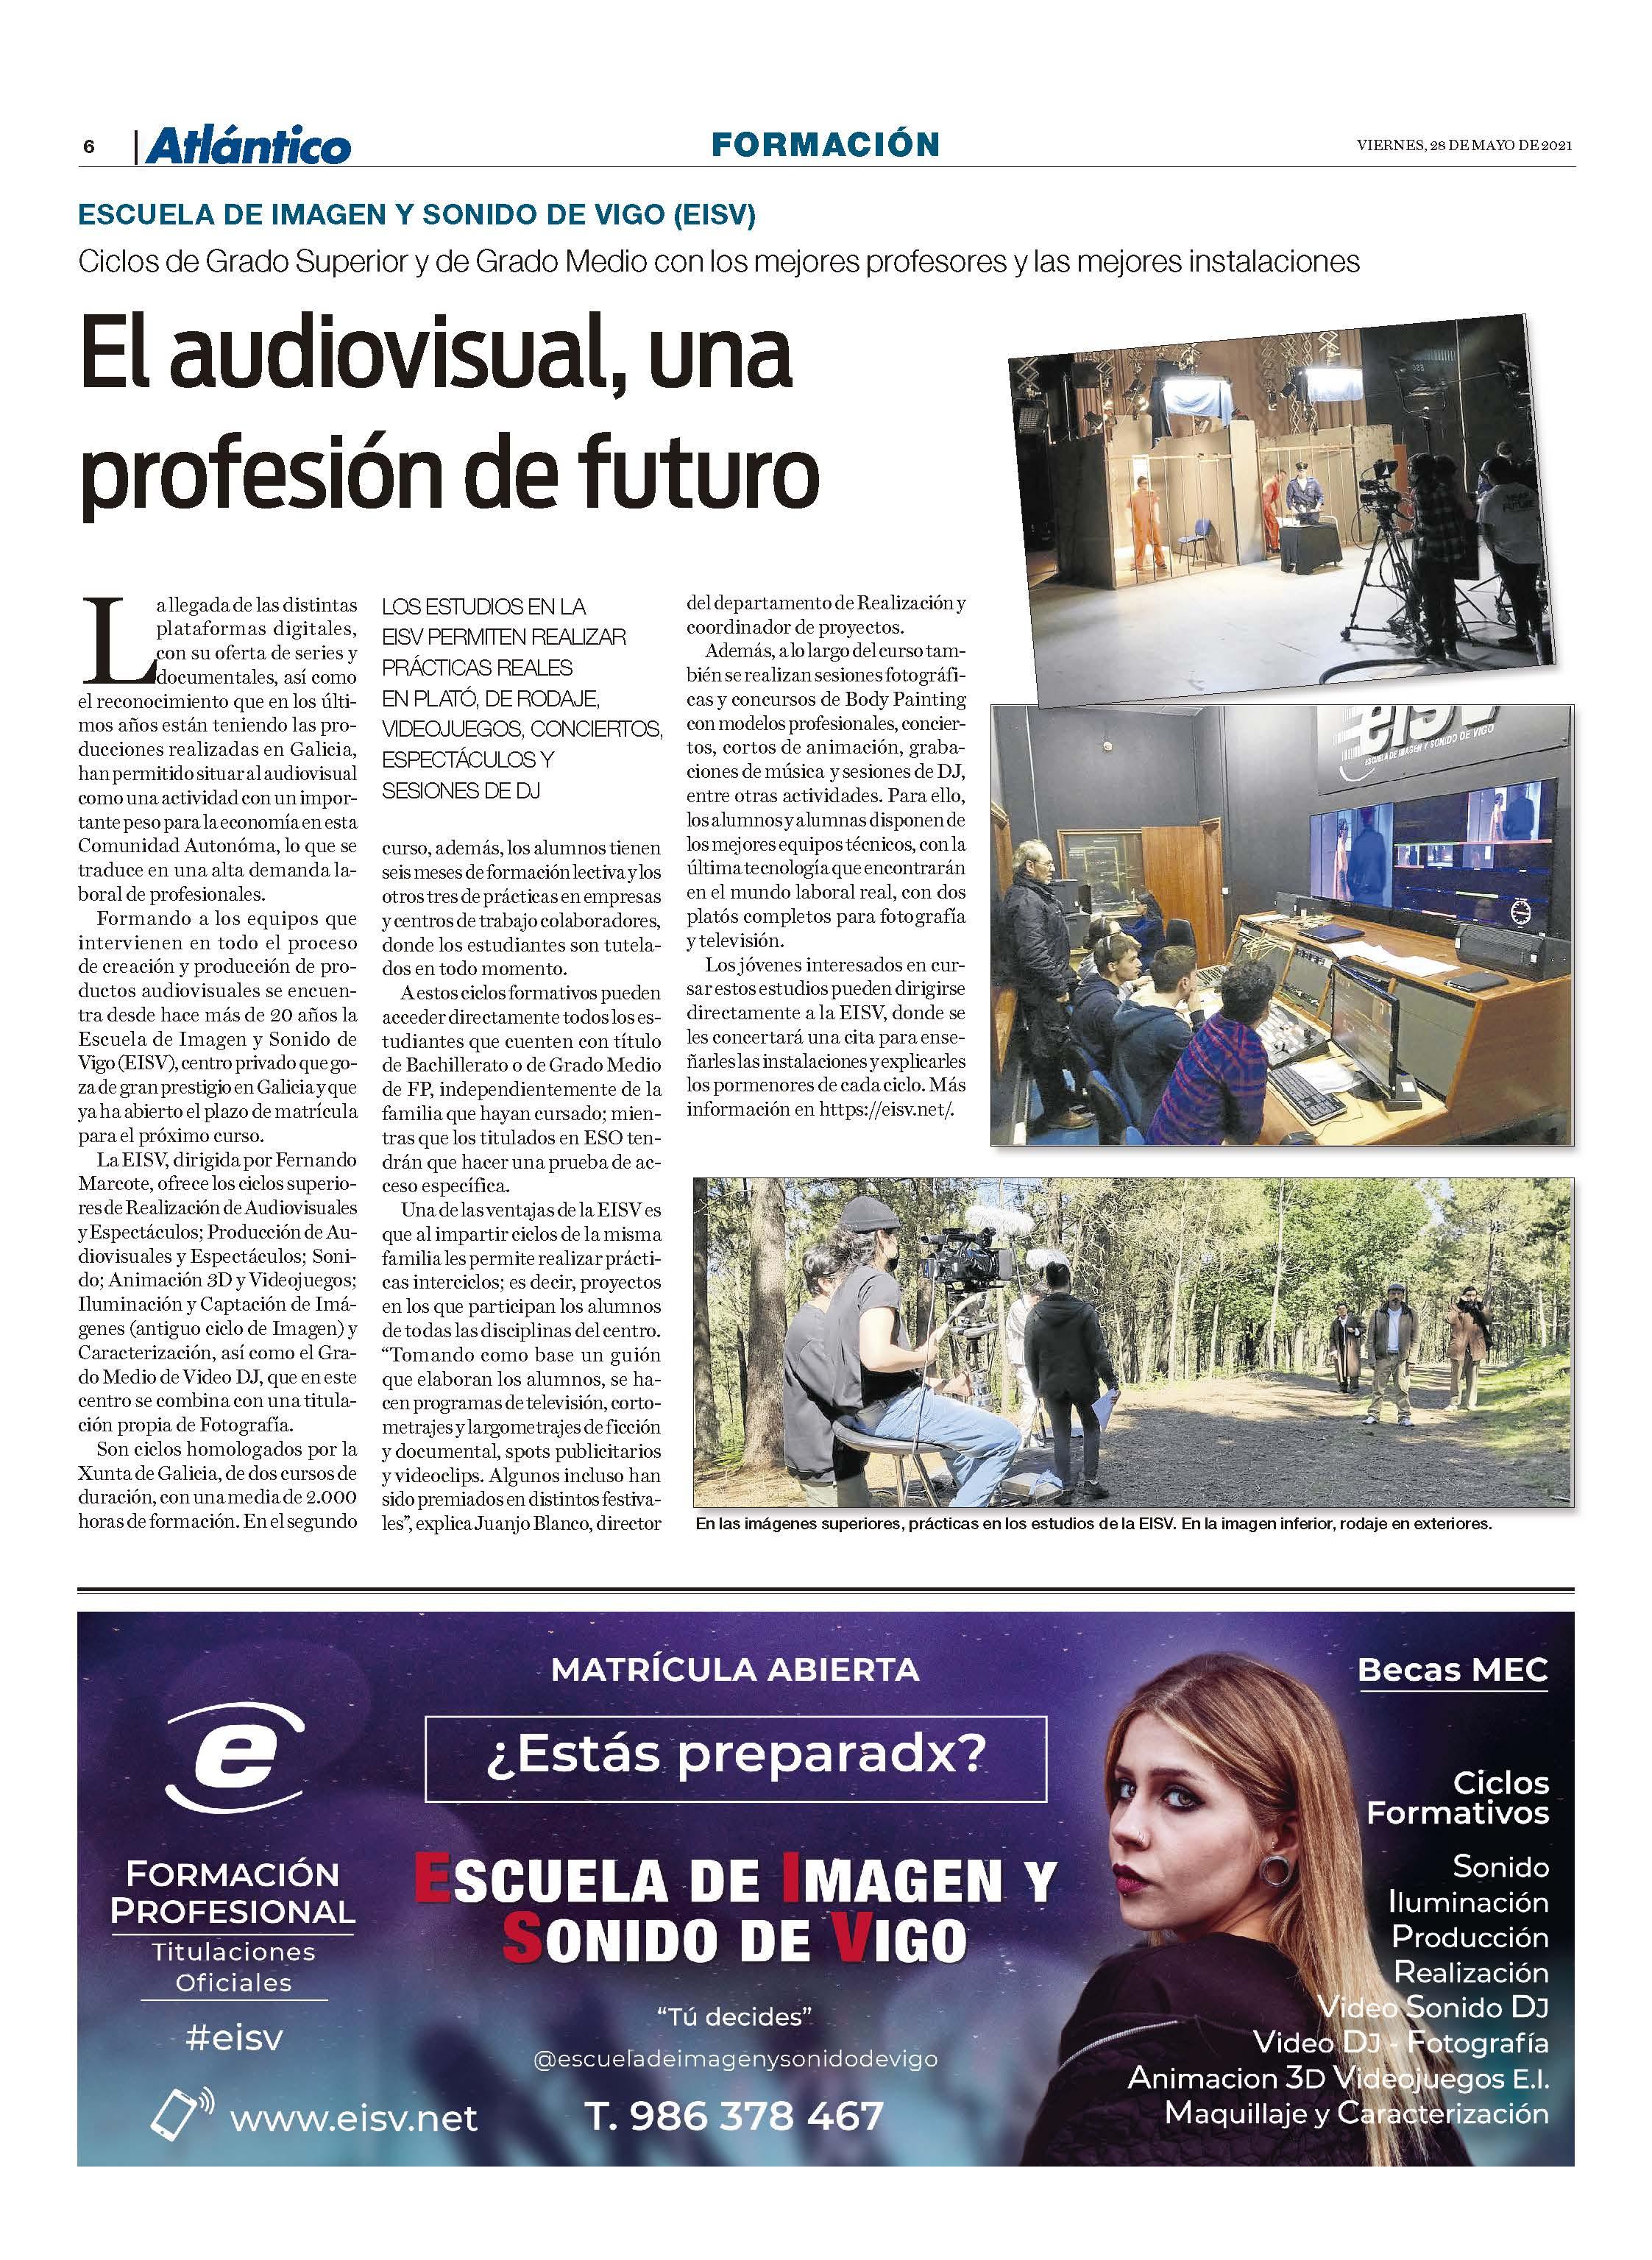 EISV en Atlántico diario